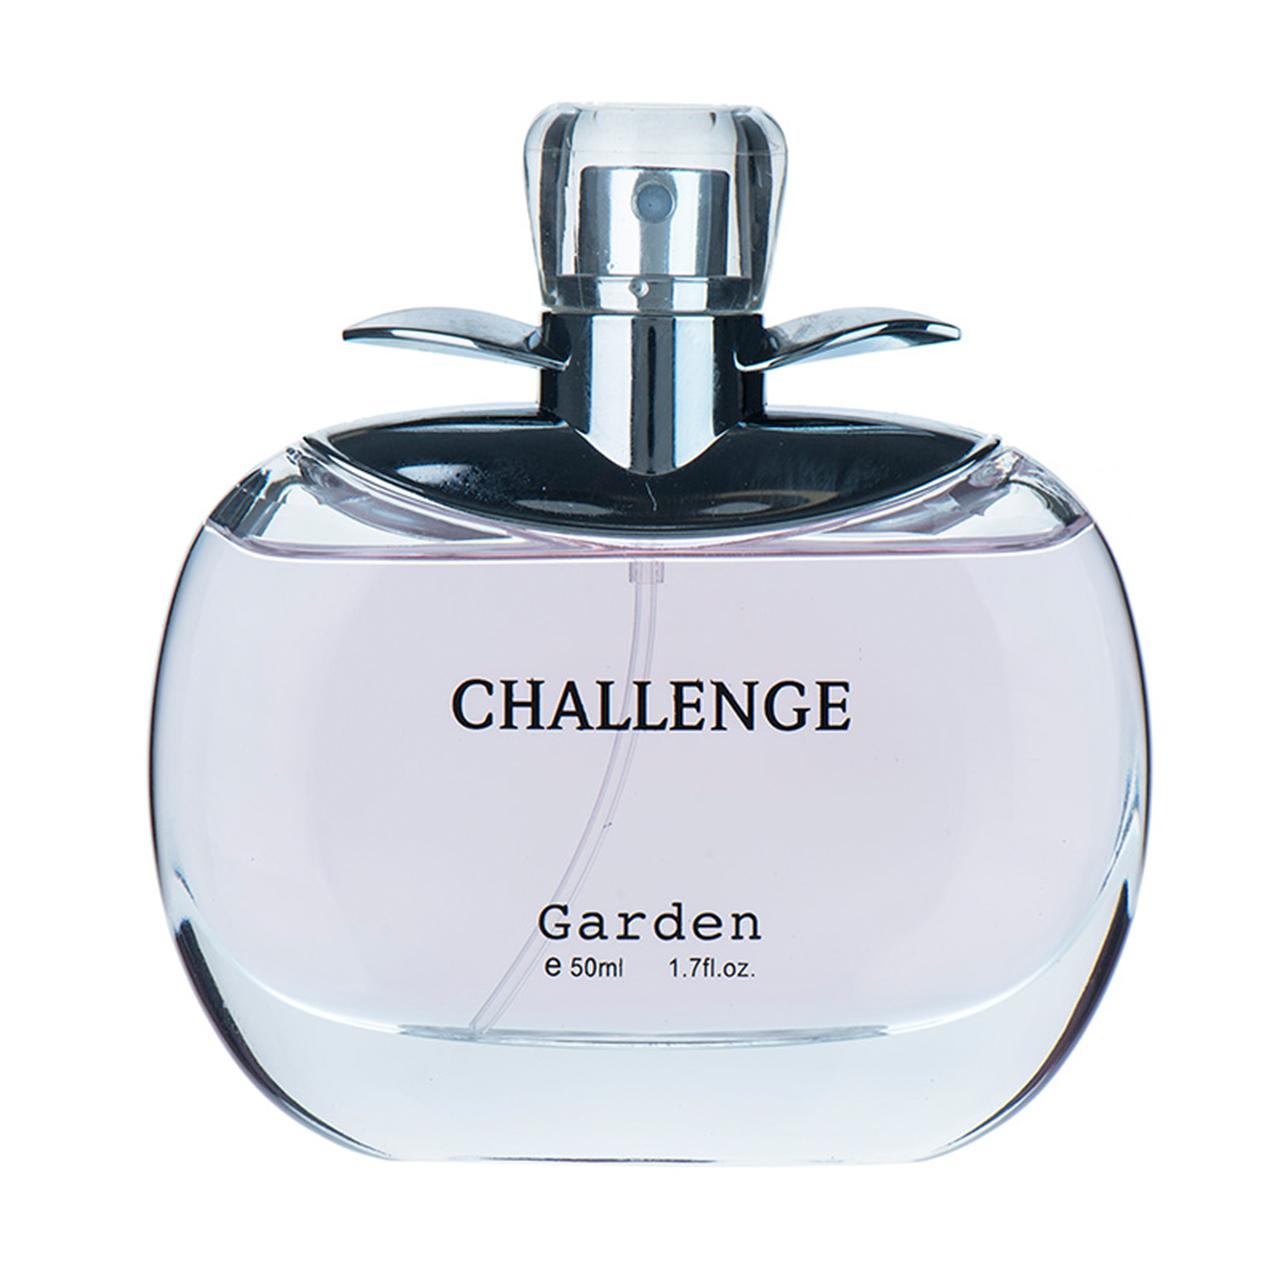 ادوپرفیوم زنانه گاردن مدل Challenge حجم 50 میلیلیتر